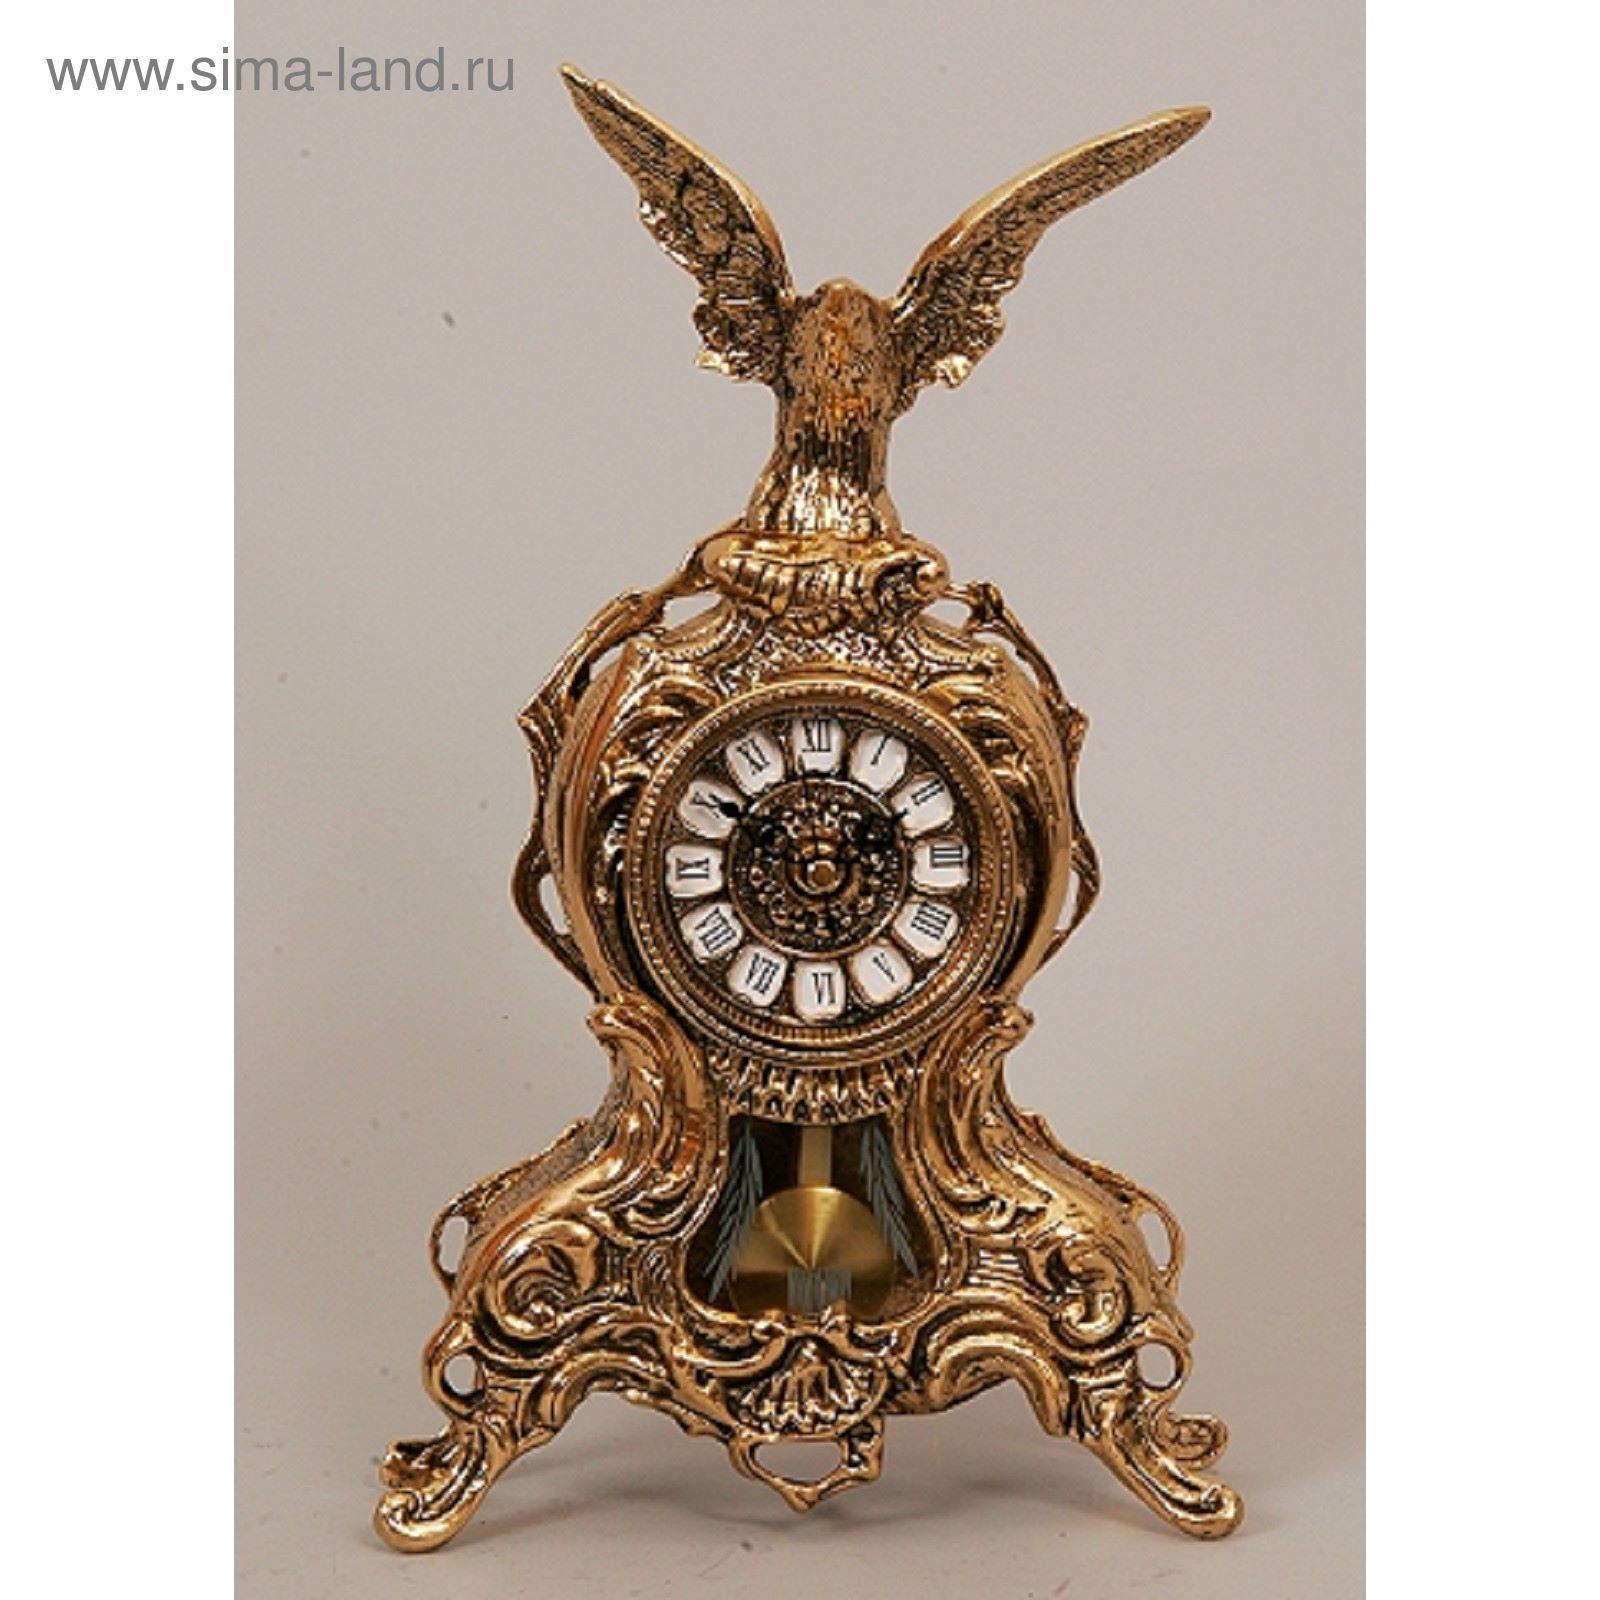 Часы золотые орел купить часы армани копия купить спб